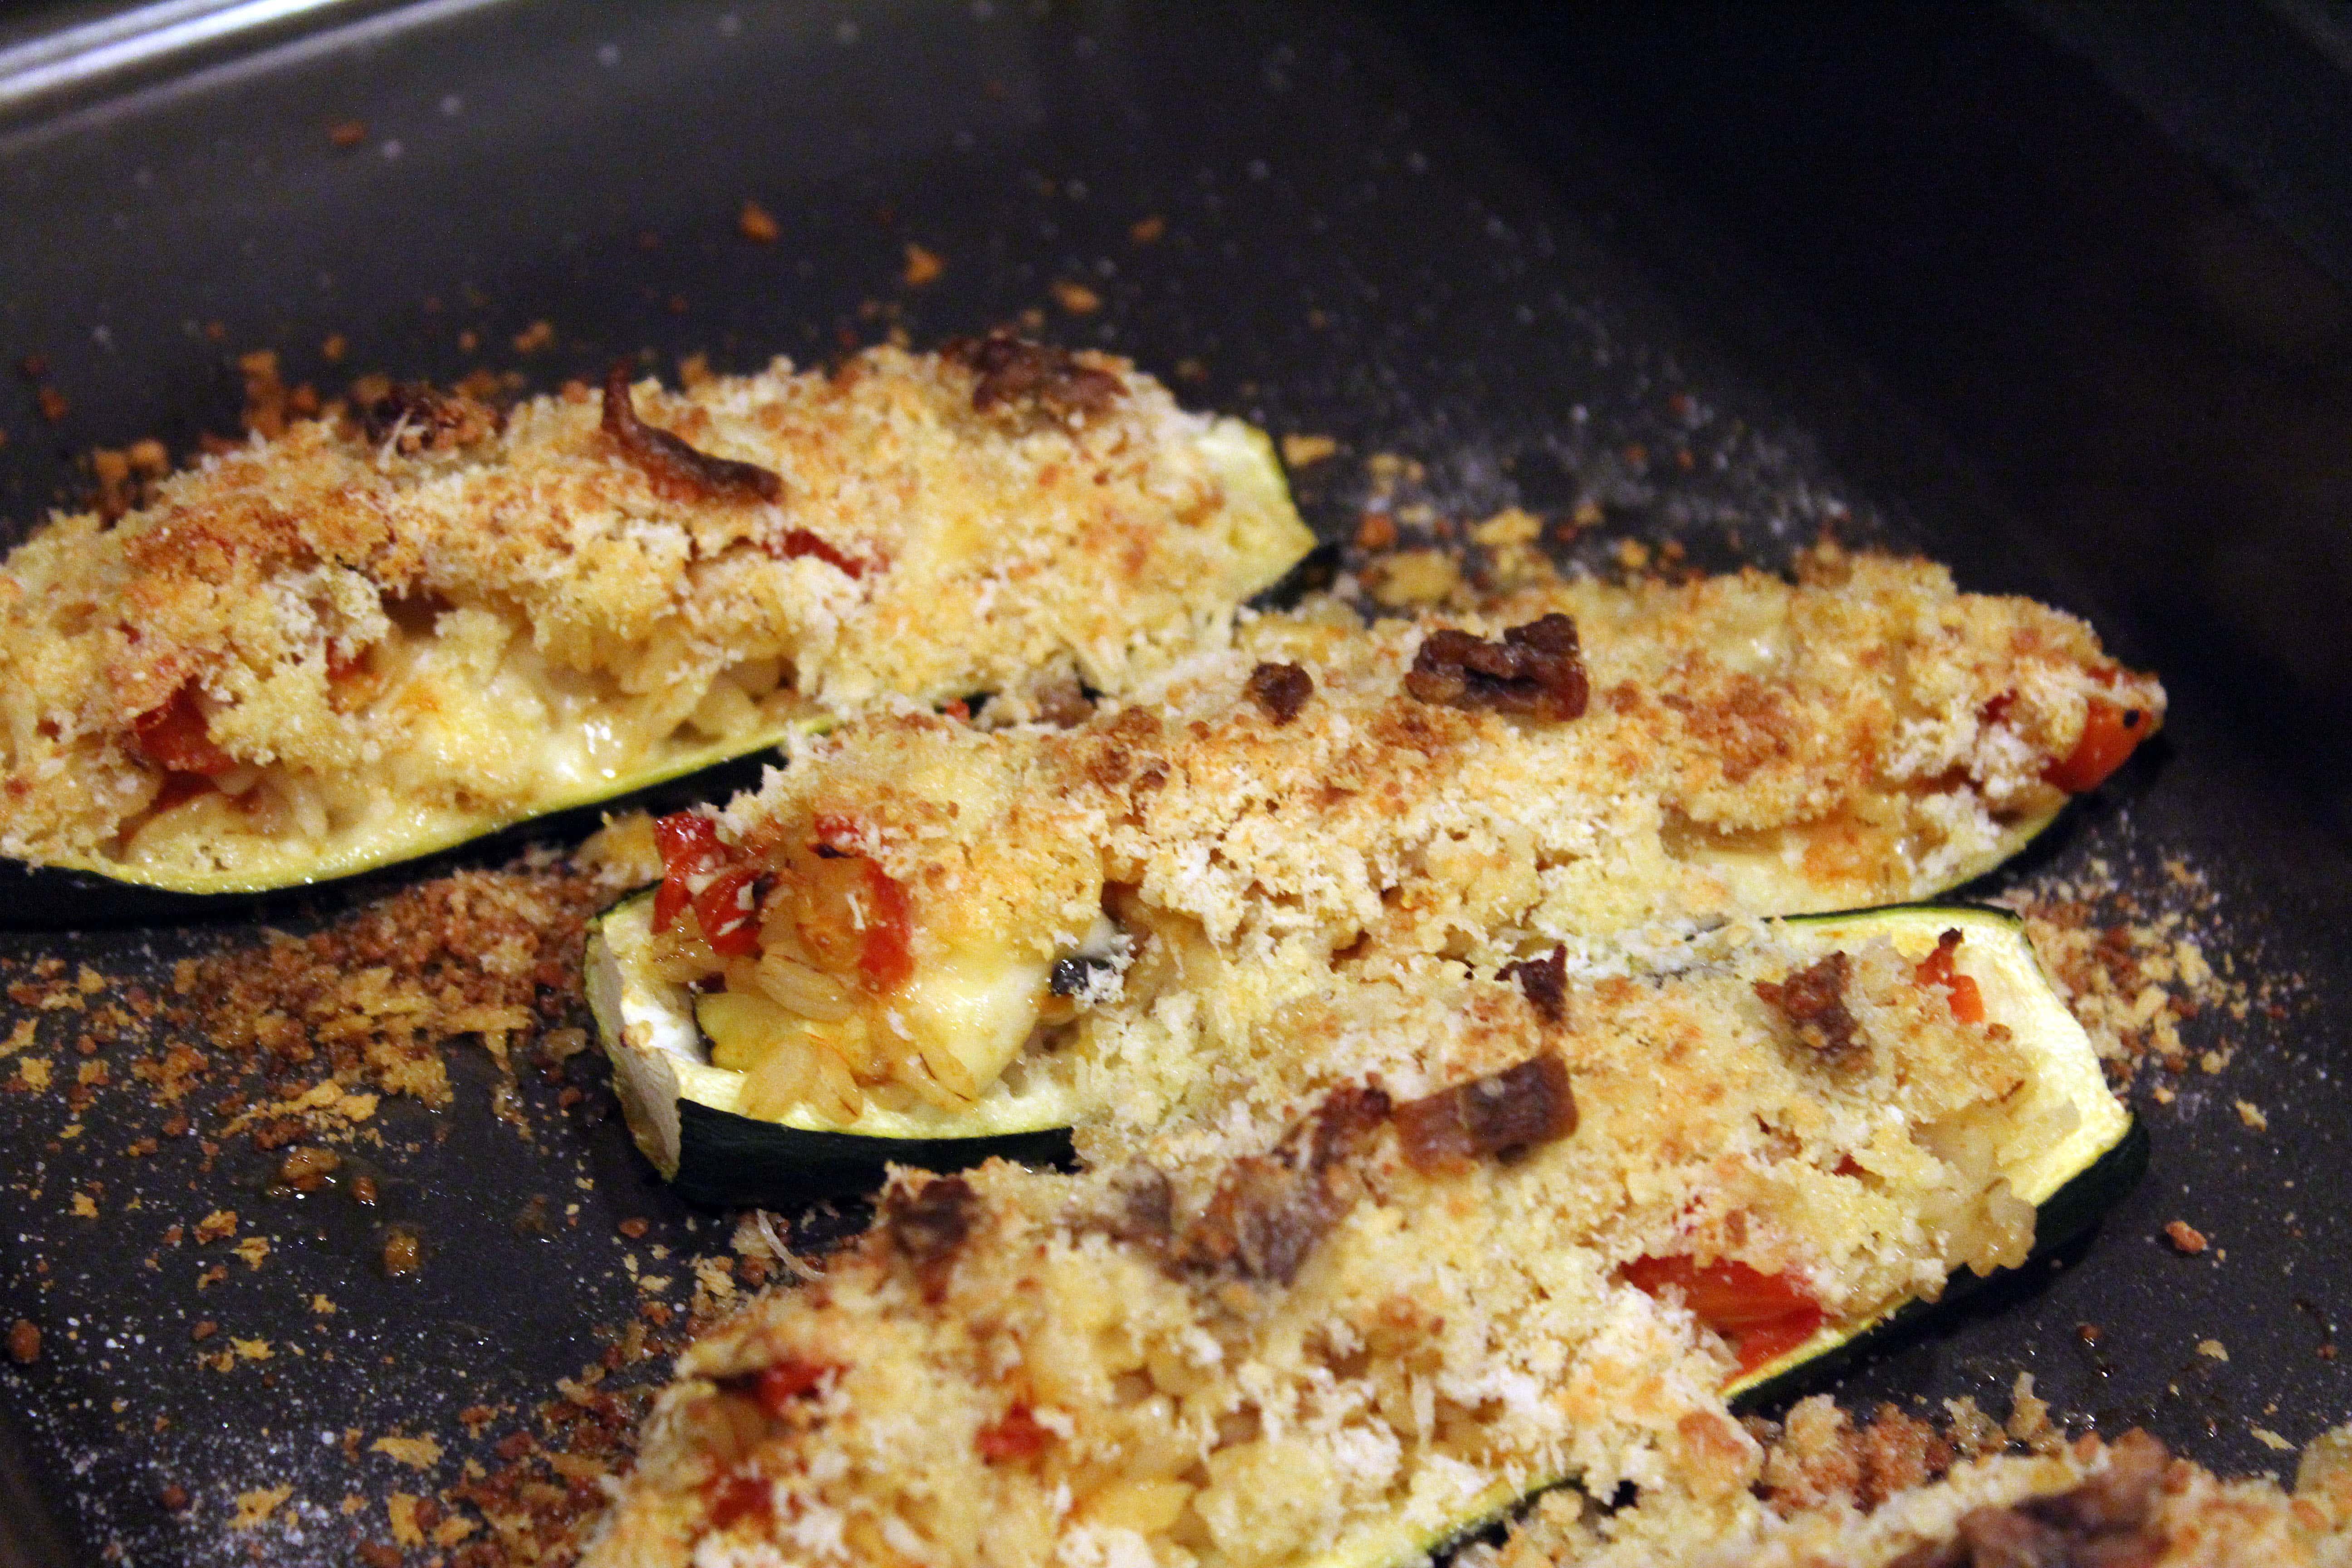 Broil zucchini until crispy